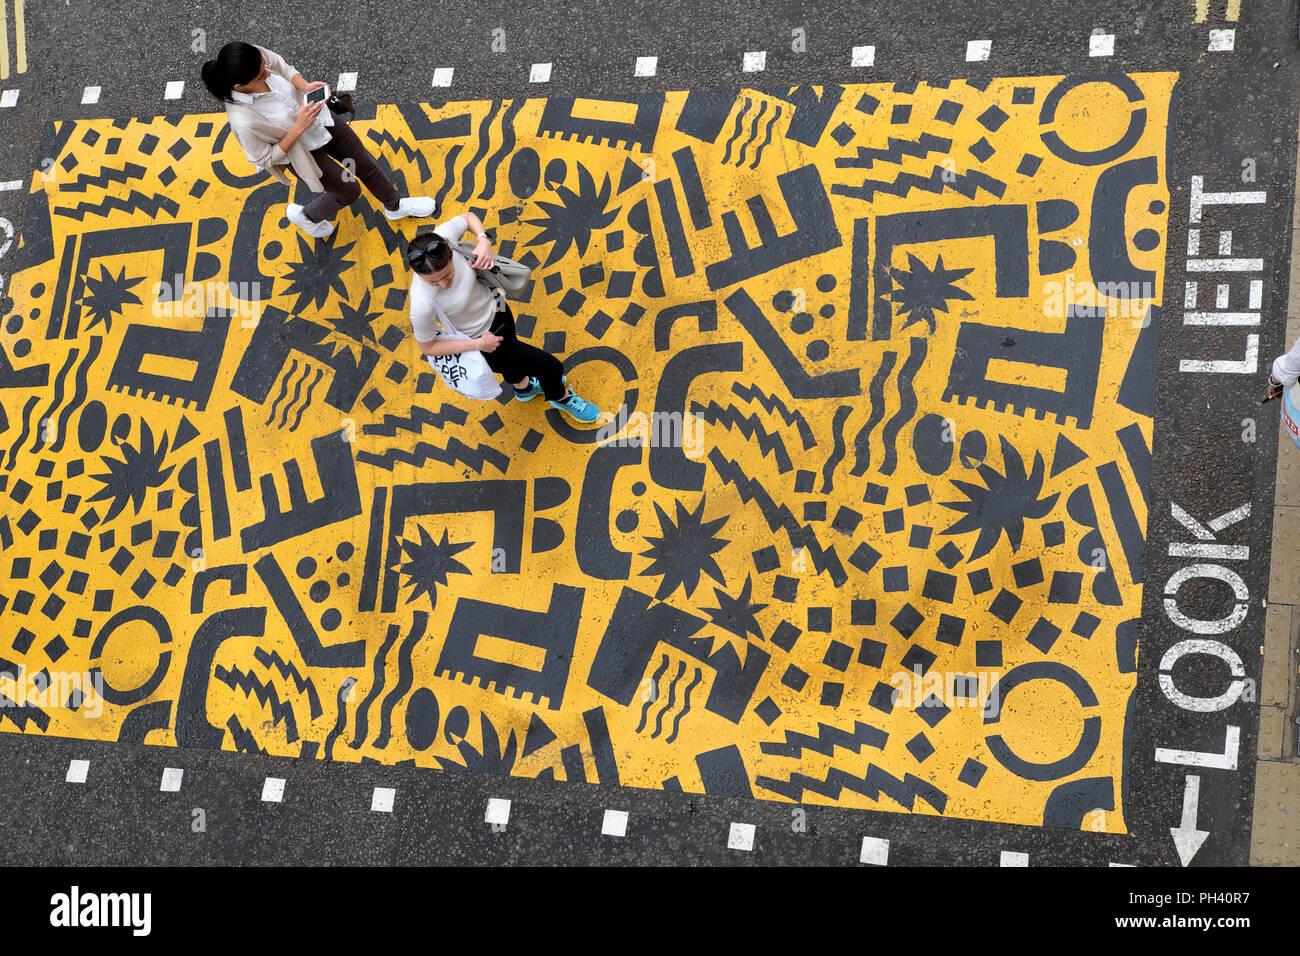 """Eley Kishimoto' farbenfrohe Kreuzungen"""" fußgängerüberweg in der Nähe der Buche Street Tunnel & Barbican Station in Kulturmeile, Stadt London UK KATHY DEWITT Stockbild"""